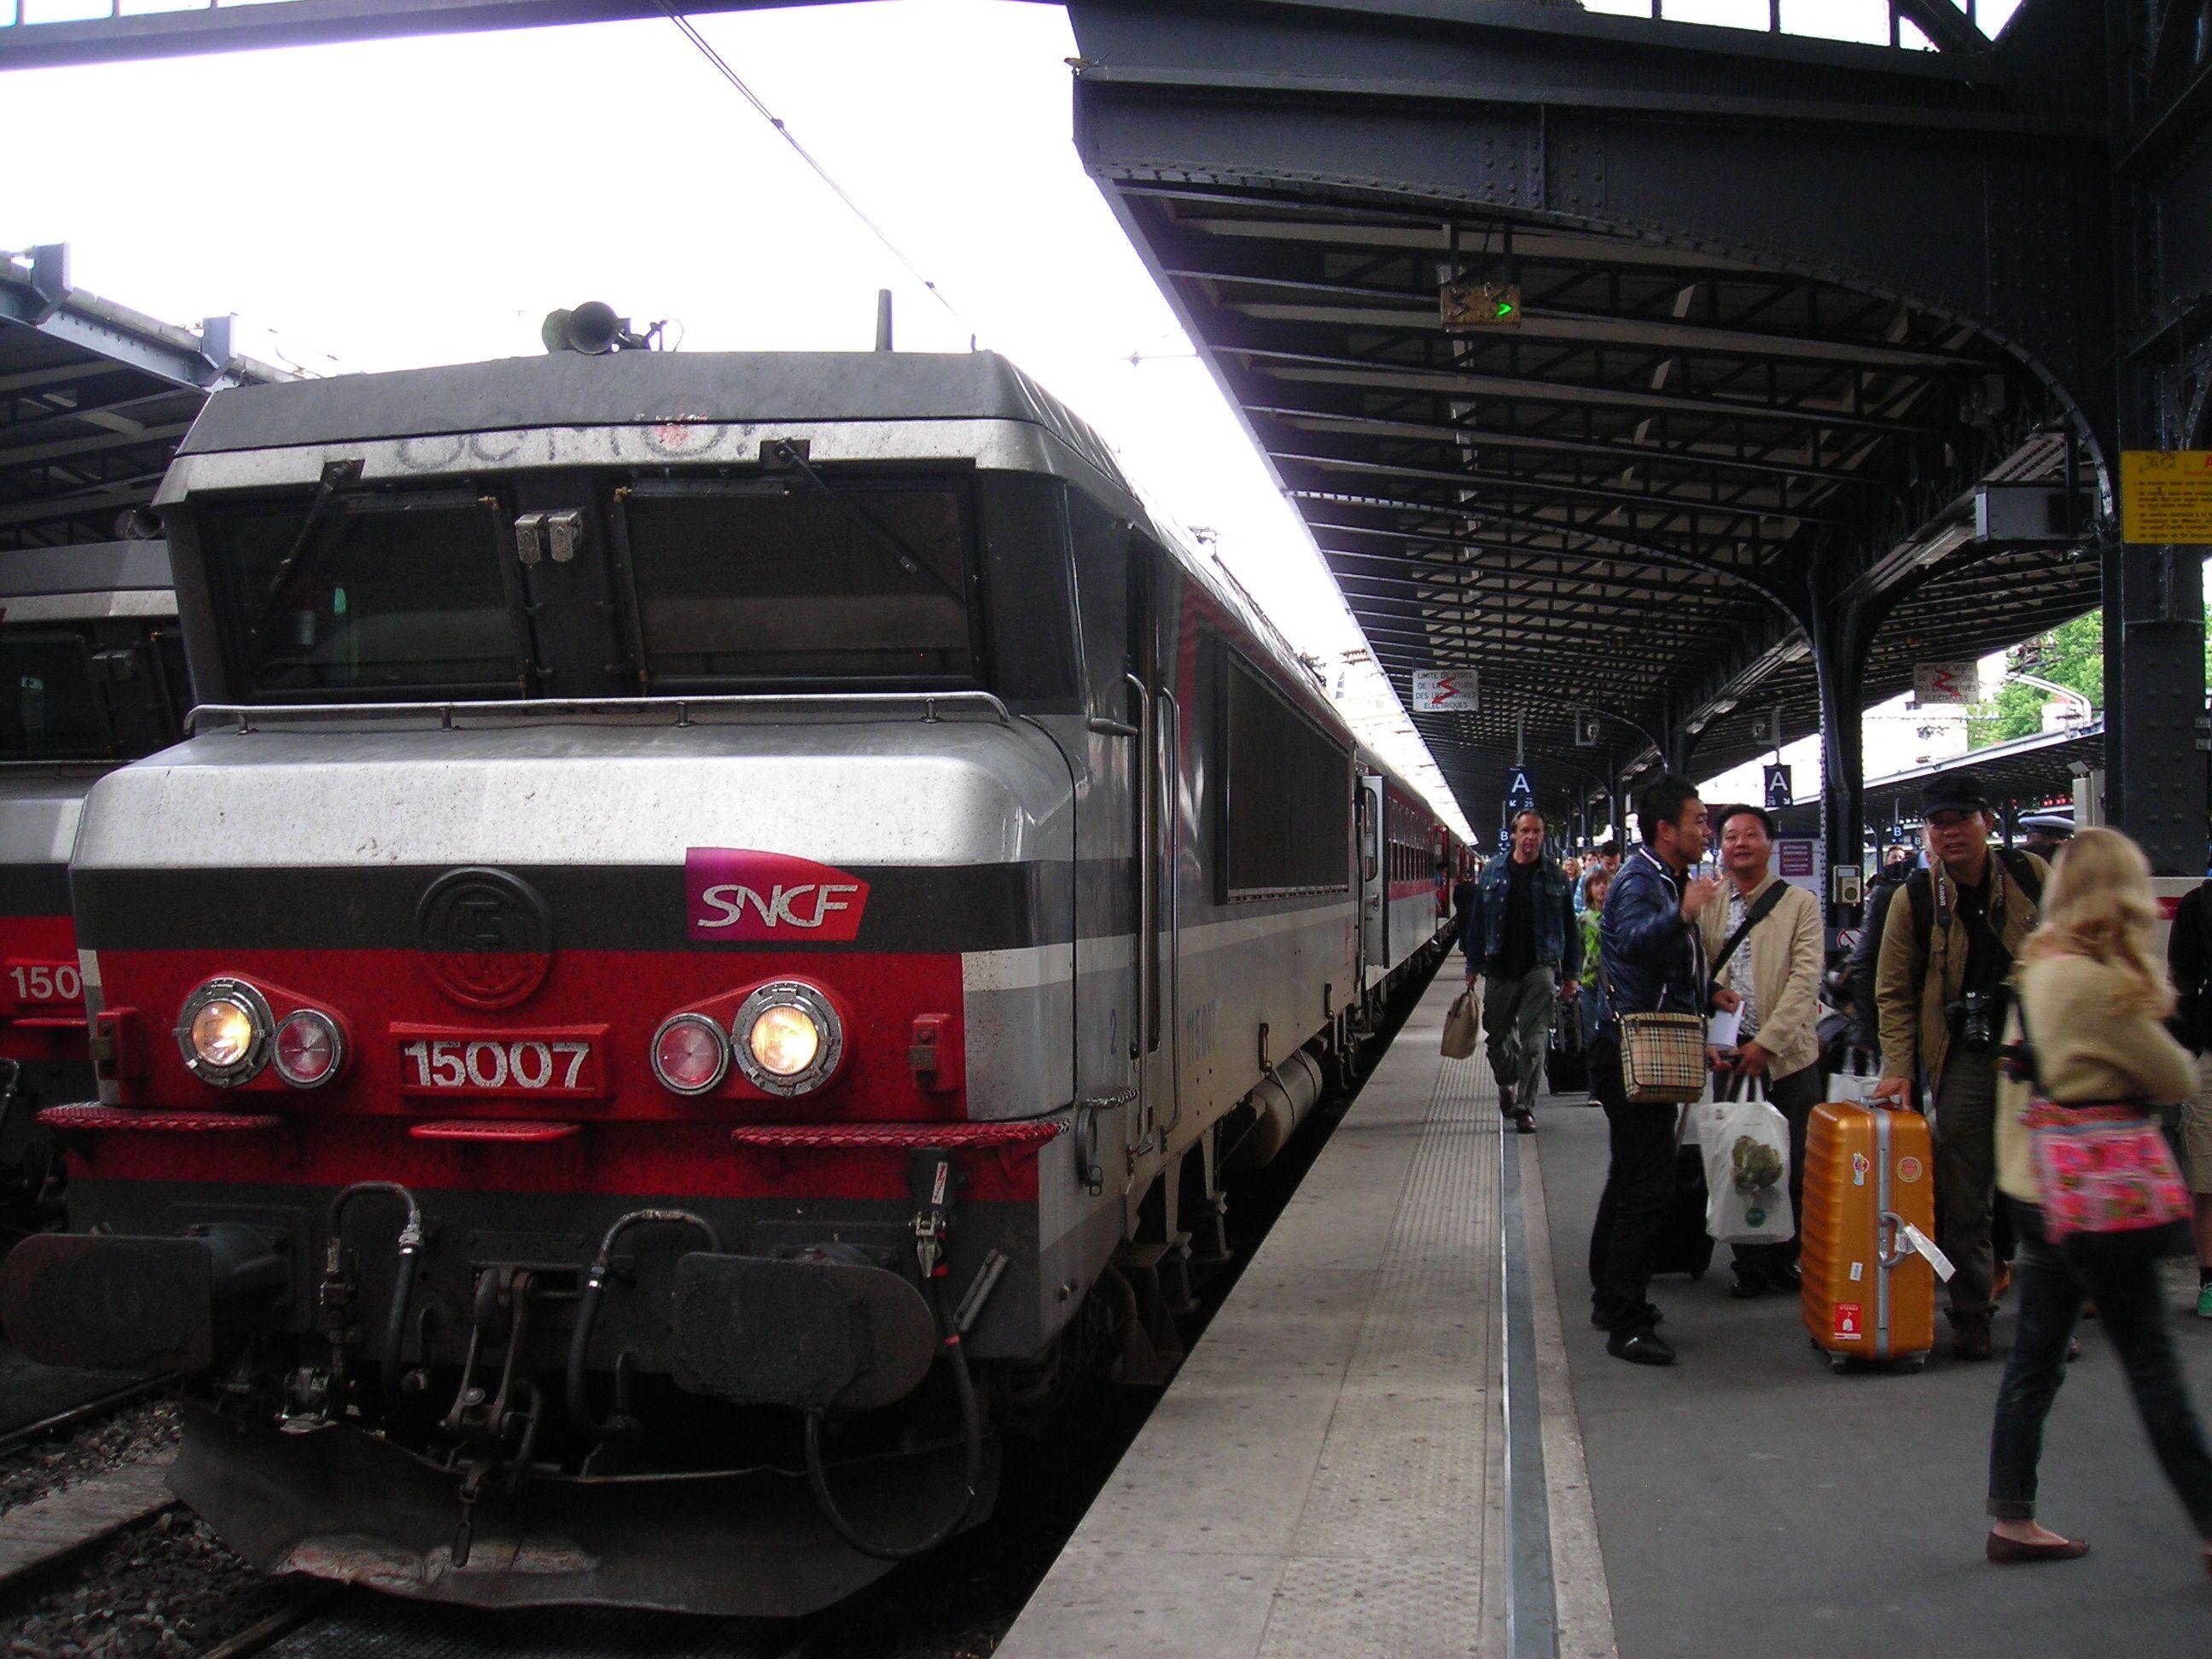 Megérkezés Paris-Est pályaudvarra A mozdonyom út közben le lett cserélve egy BB 15000 sorozatú mozdonyra